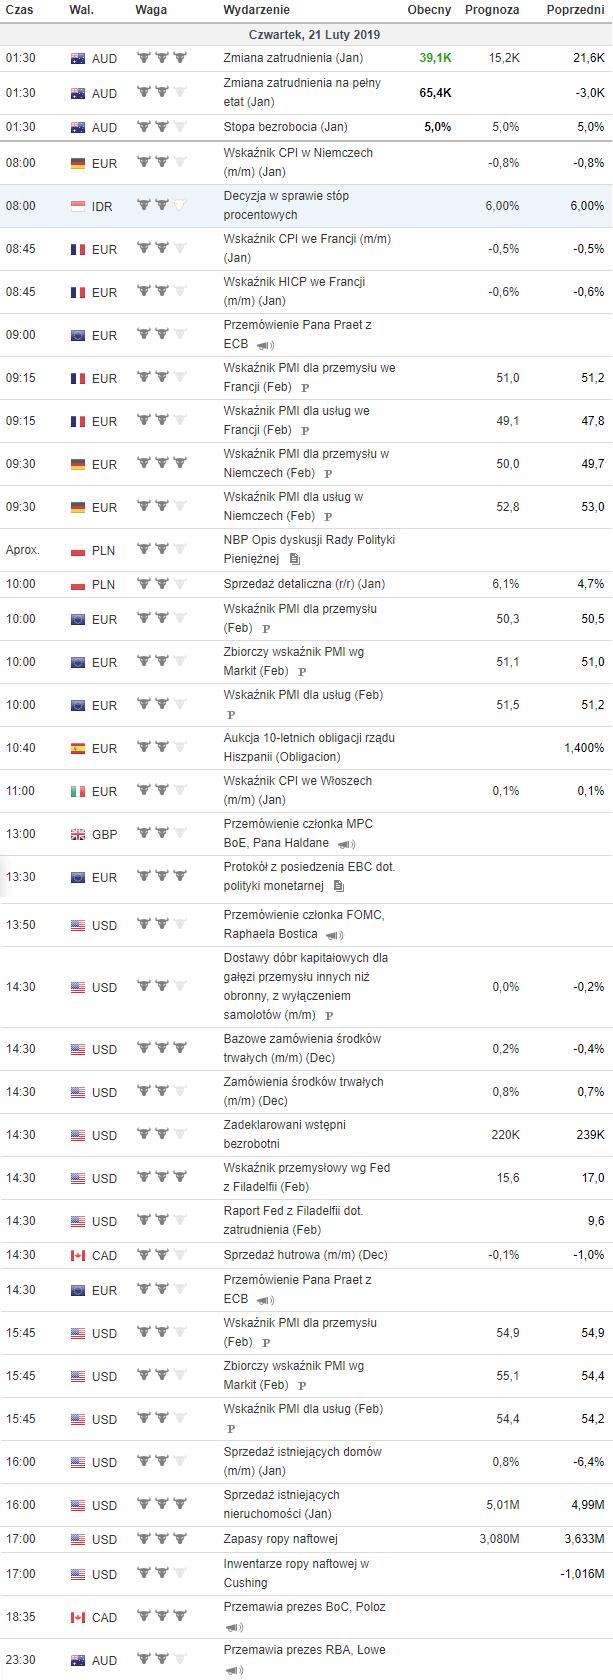 kalendarz makroekonomiczny 21.02.2019